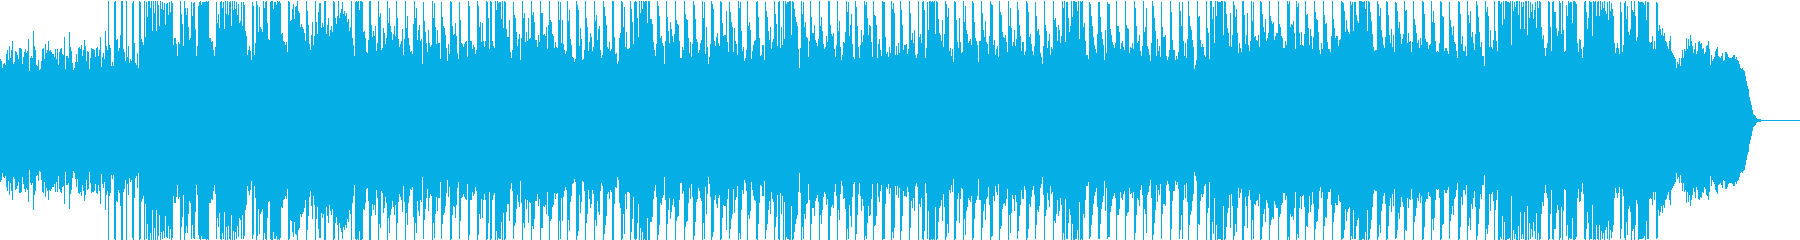 ヘビーなミュートギター刻みのメタルループの再生済みの波形